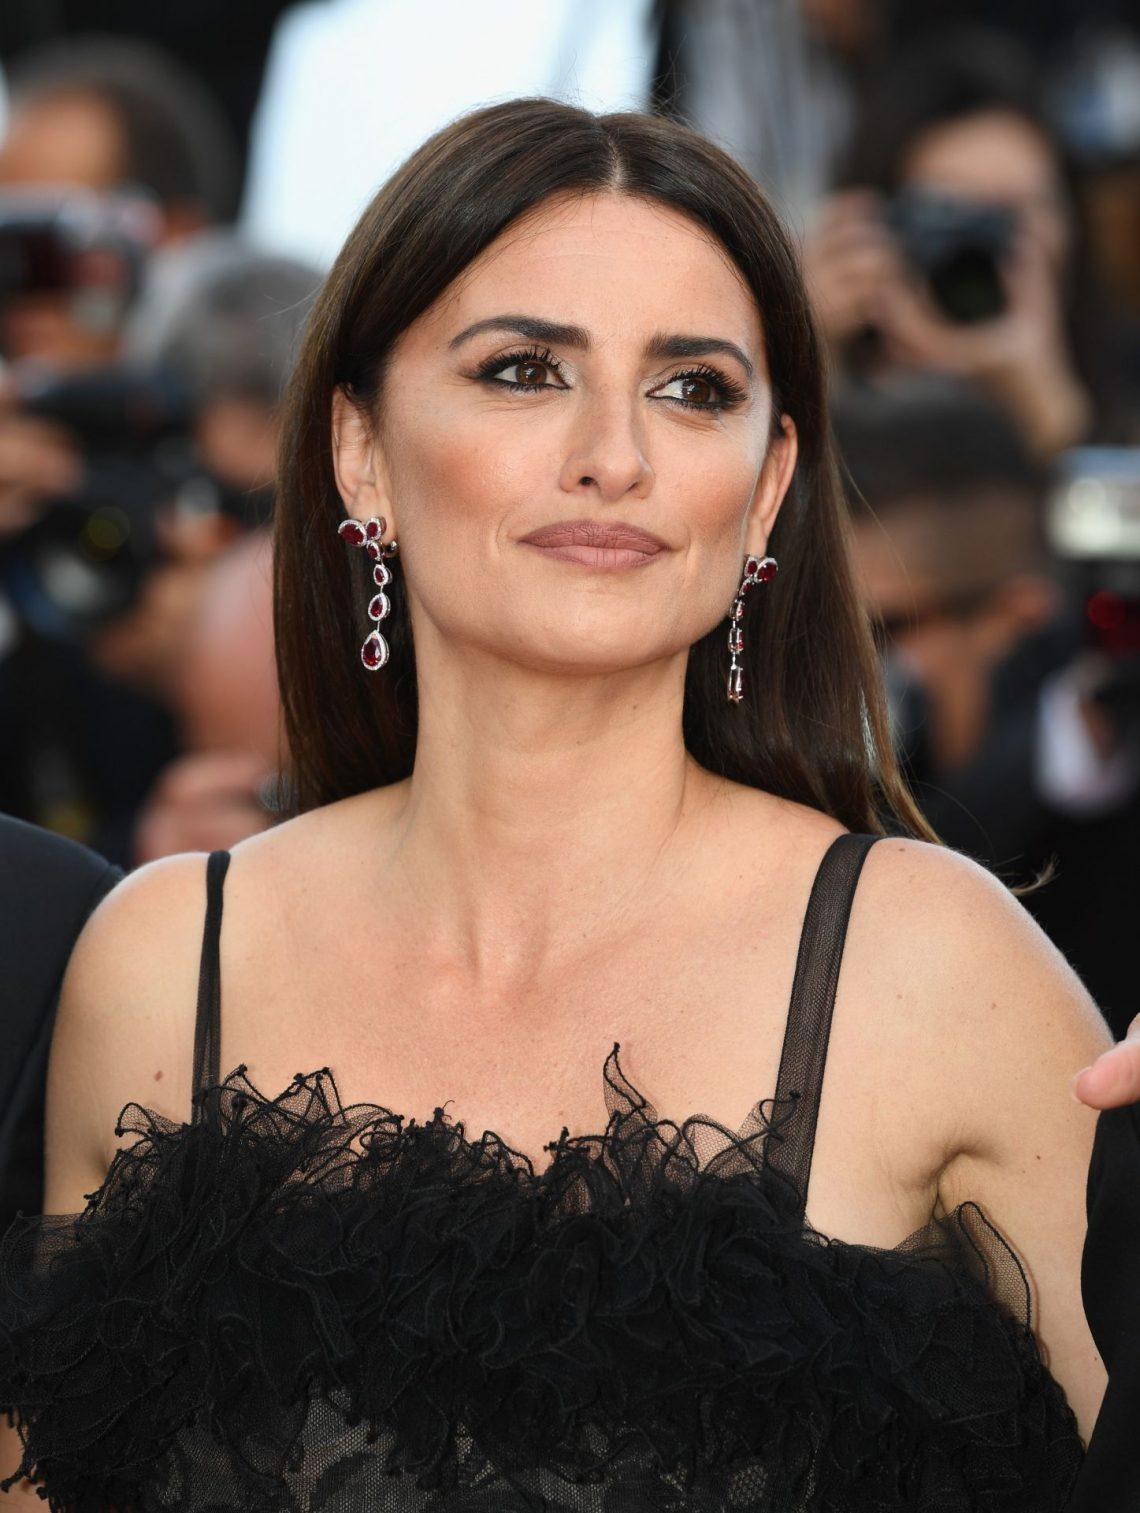 Crea tu propio beauty look como el de Penélope Cruz en Cannes (sabemos TODOS los productos que utilizó y nos FASCINA su labial)